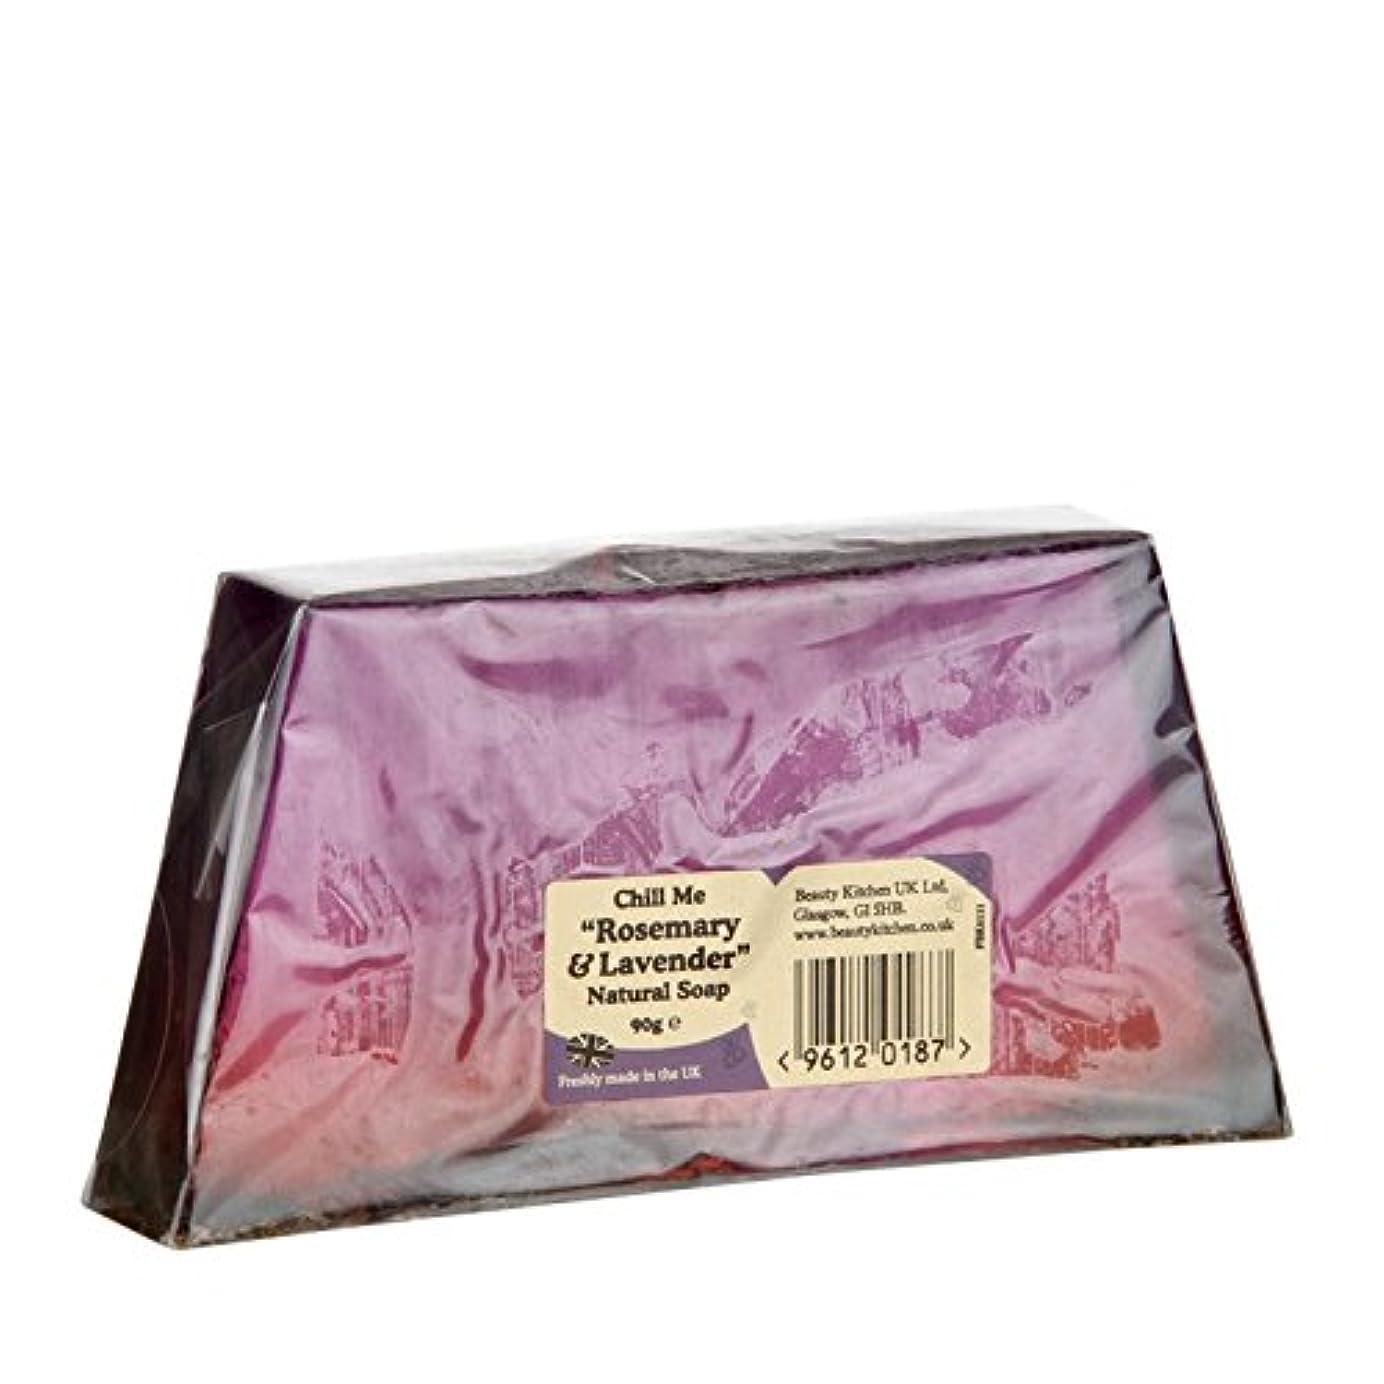 即席キャスト負Beauty Kitchen Chill Me Rosemary & Lavender Natural Soap 90g (Pack of 2) - 美しさのキッチンは、私はローズマリー&ラベンダーの天然石鹸90グラム冷...